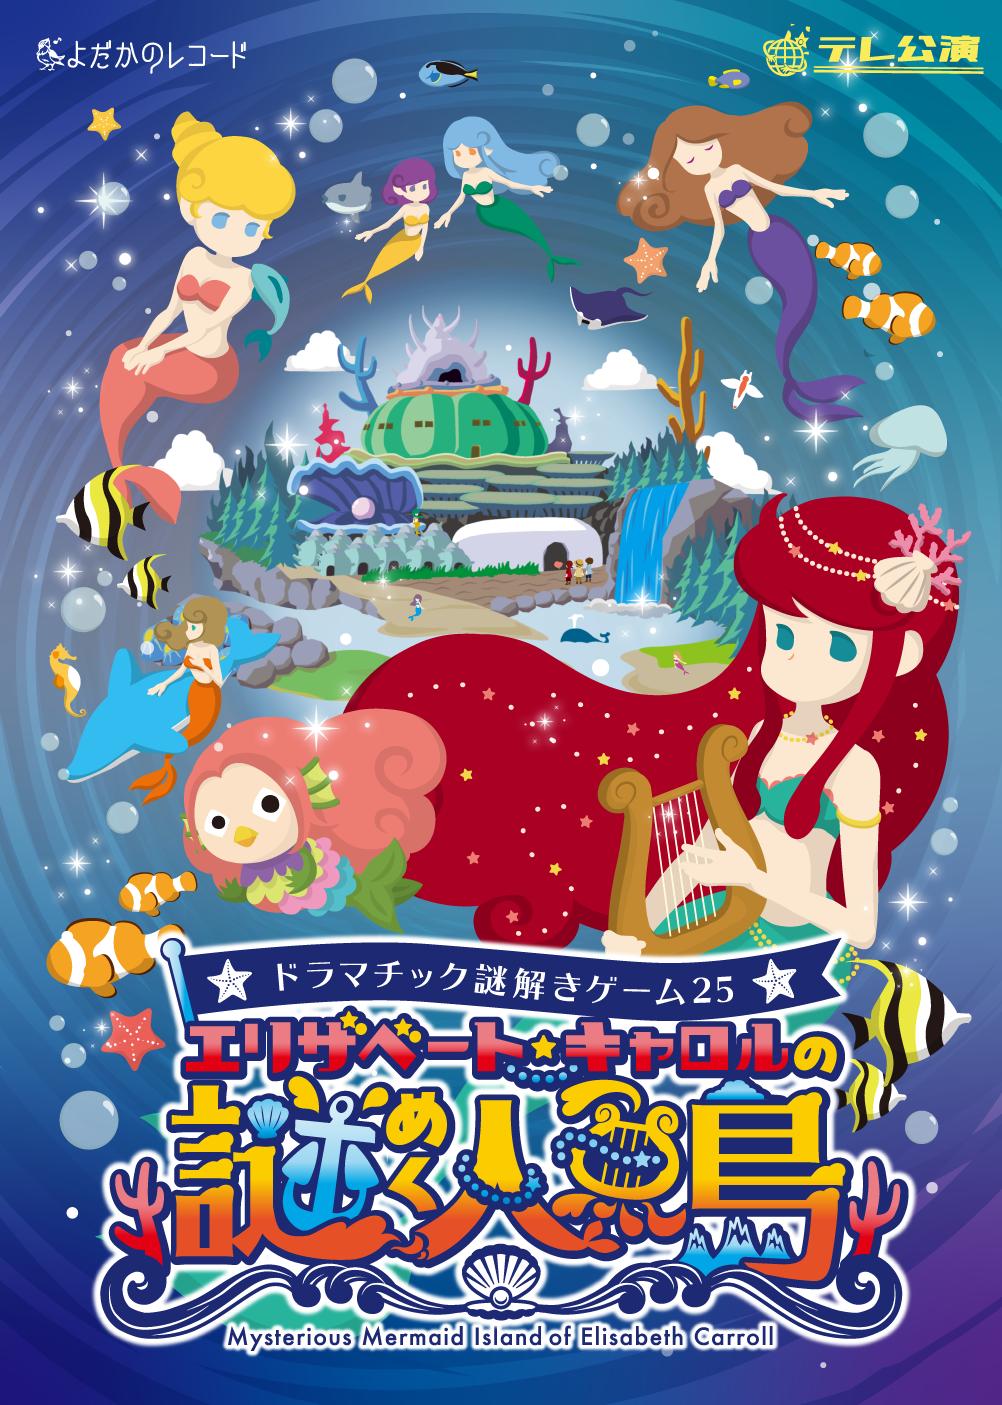 ドラマチック謎解きゲーム25「エリザベート・キャロルの謎めく人魚島」【ソロチケット】